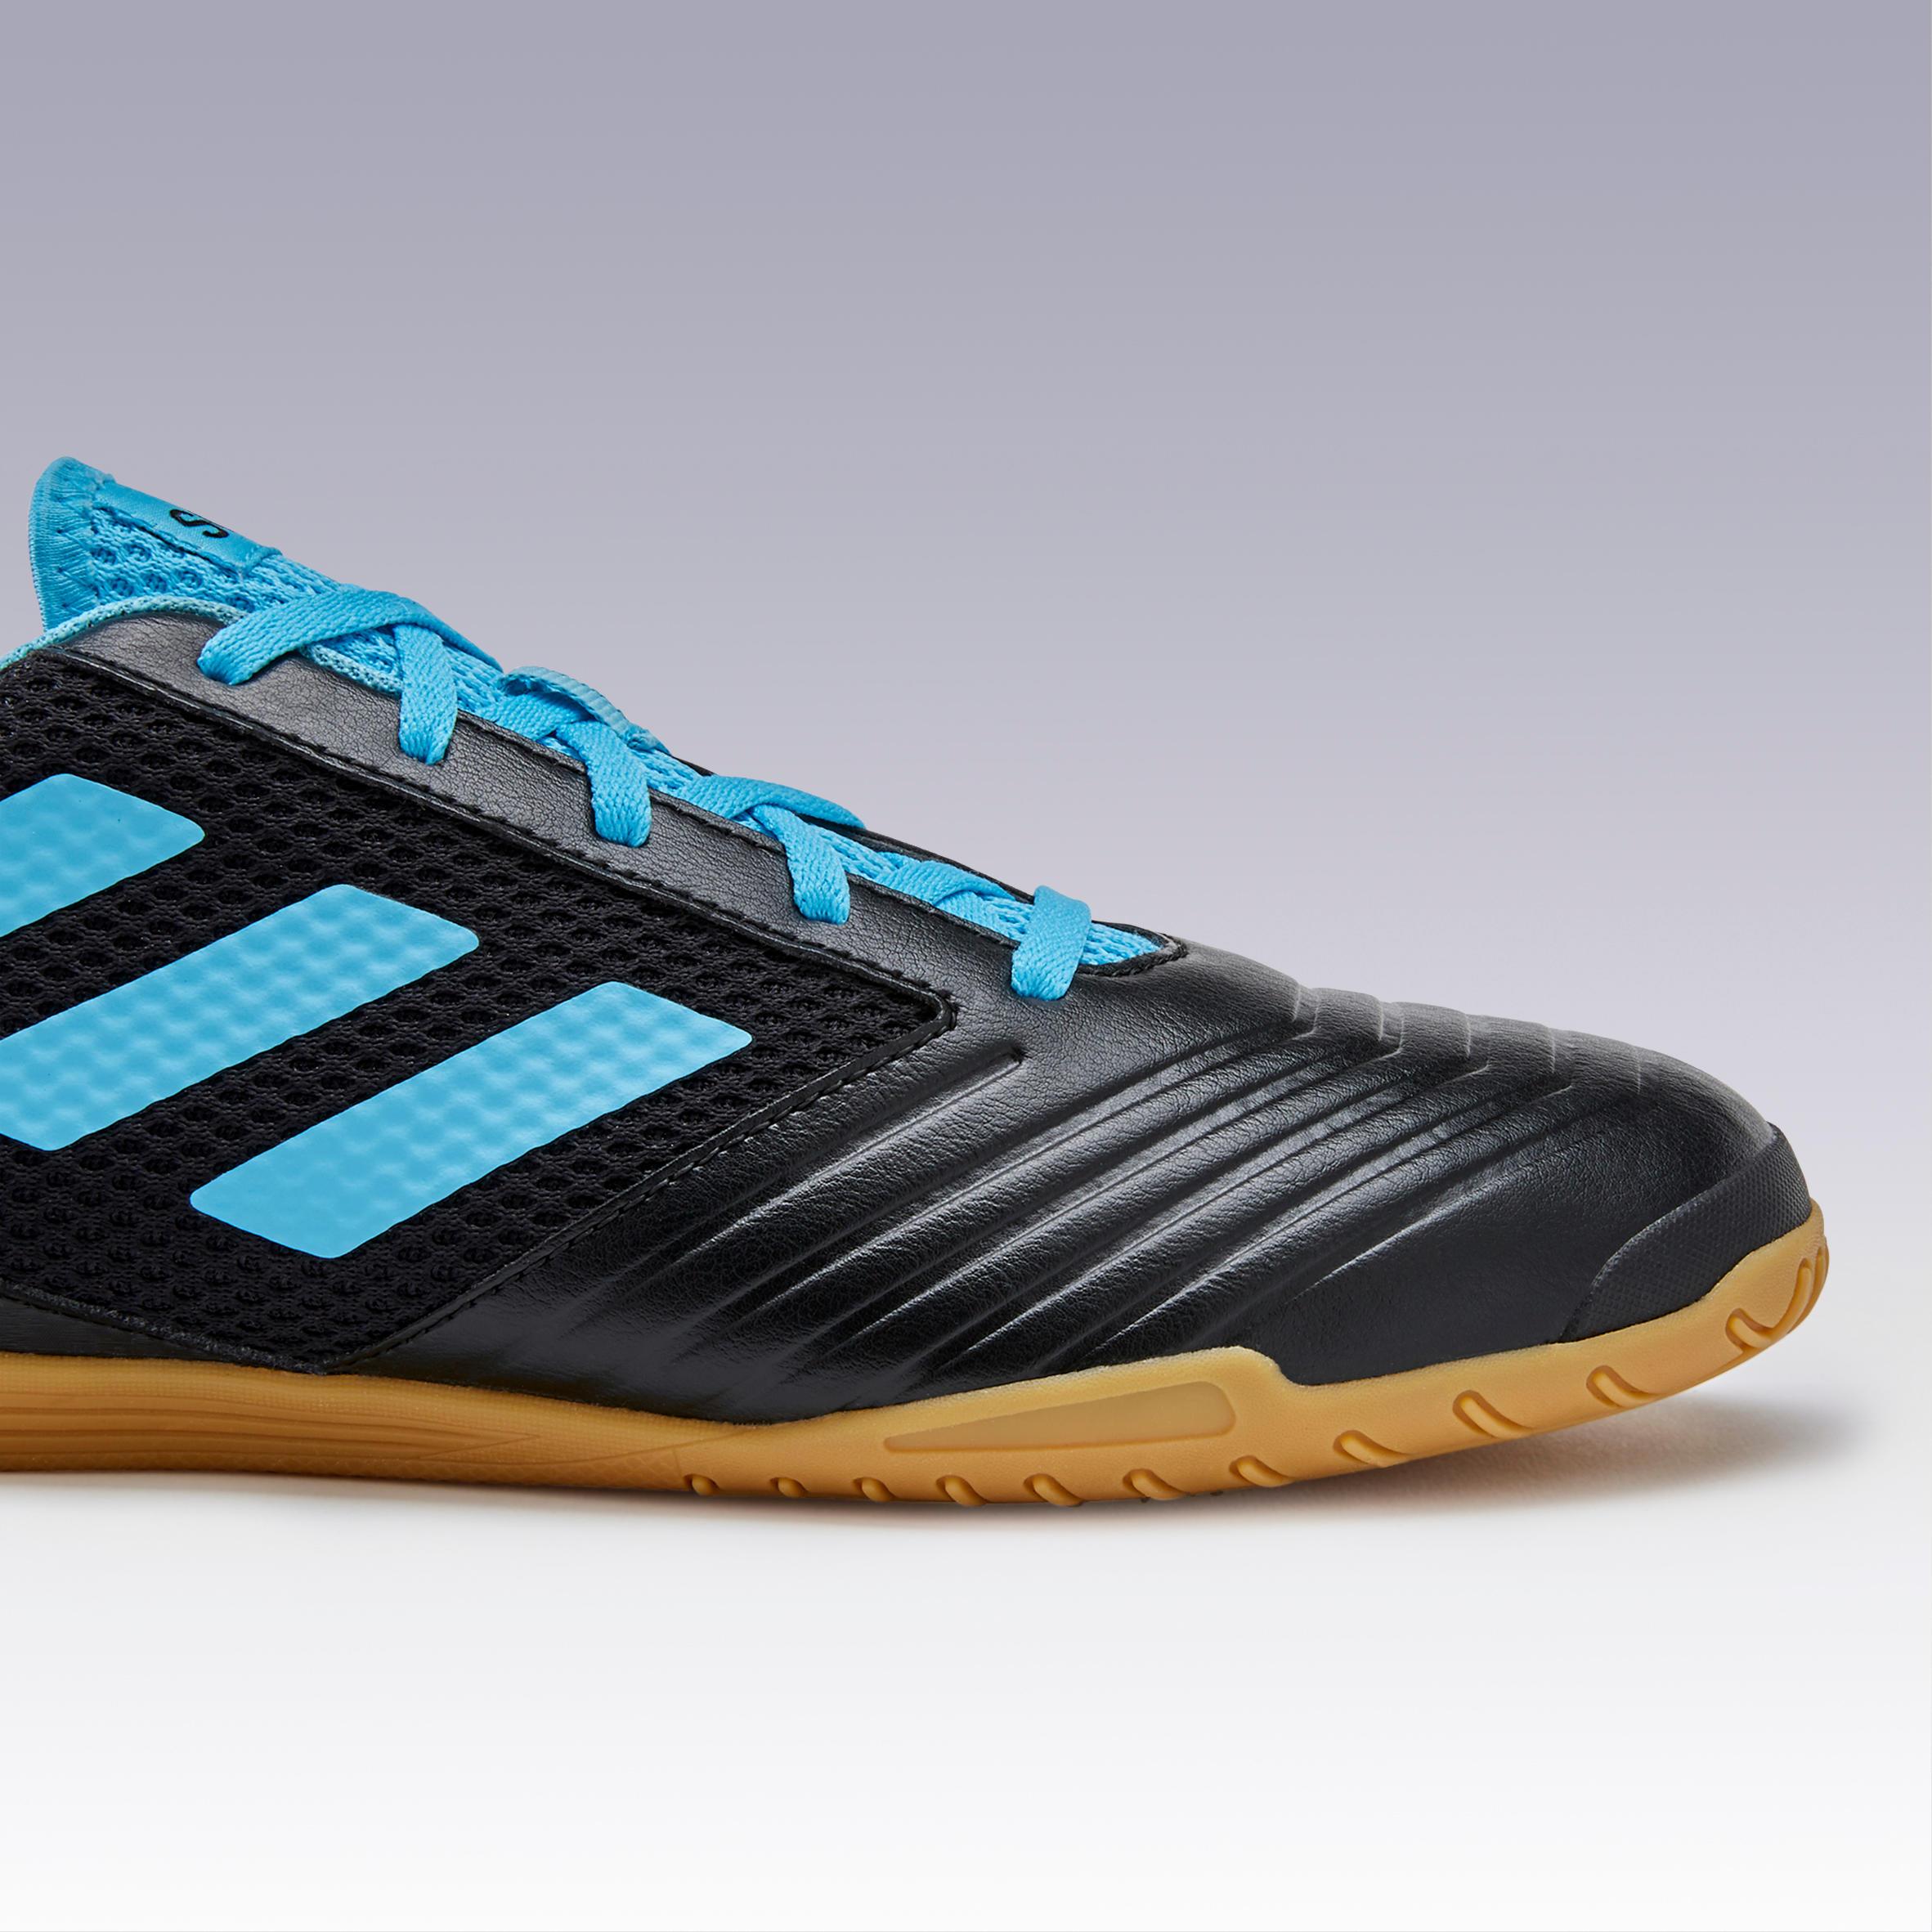 tonto confiar fricción  predator adidas decathlon buy clothes shoes online